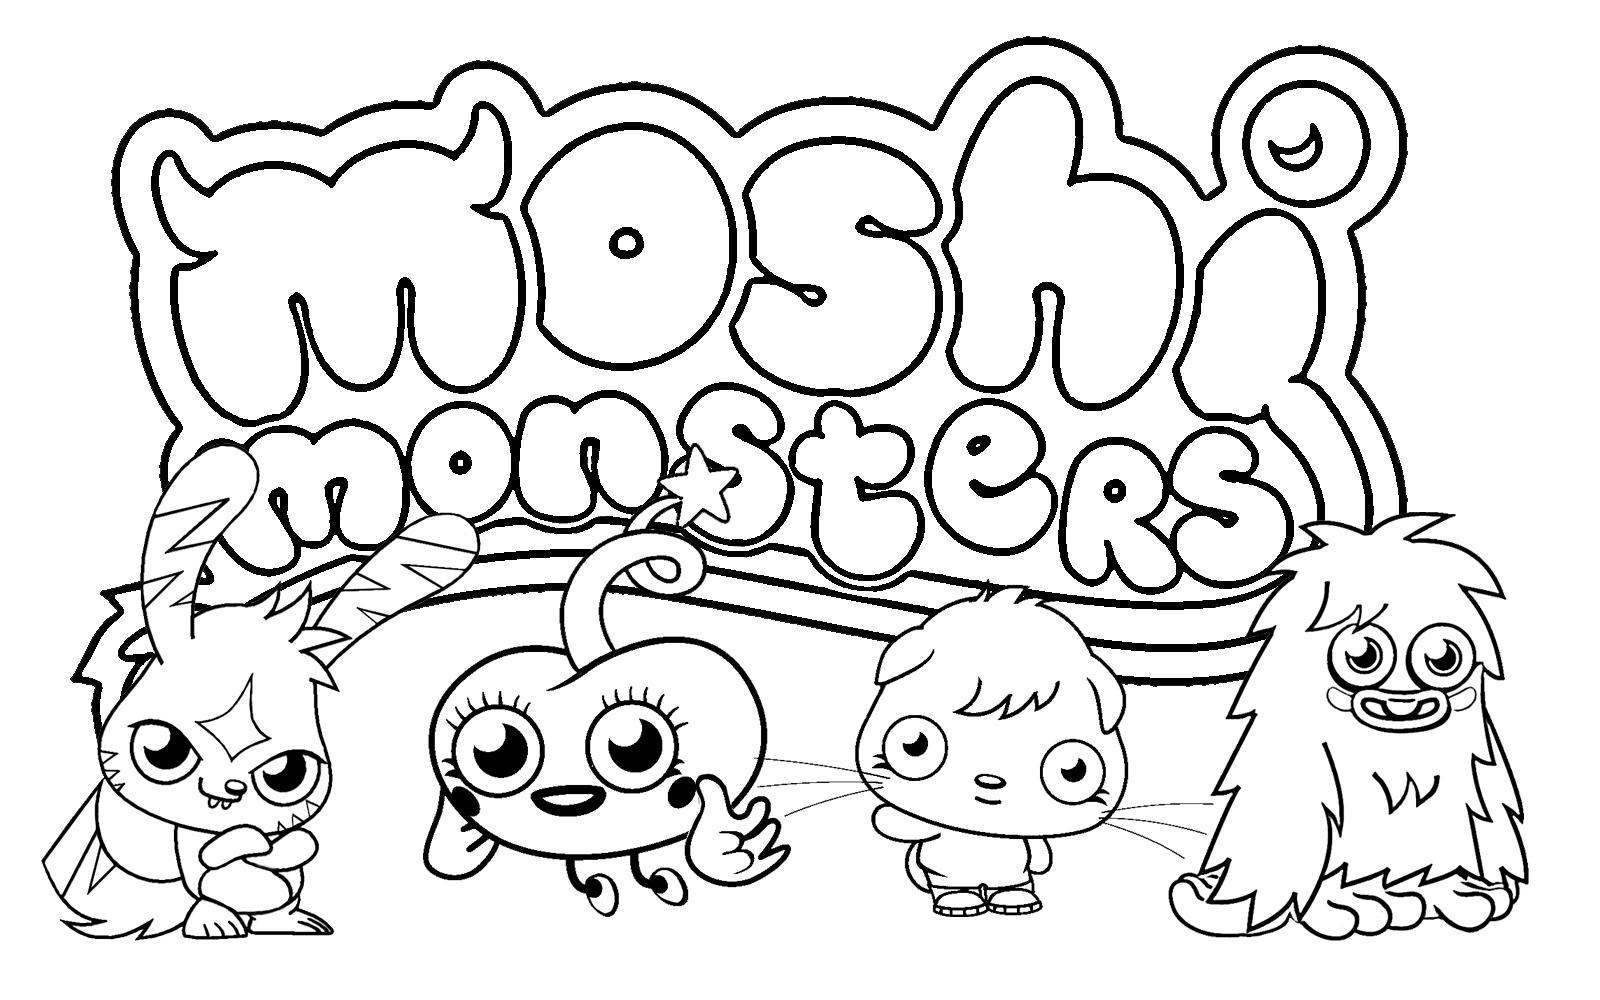 moshi monster coloring pages printable moshi monsters coloring pages for kids cool2bkids pages coloring moshi monster